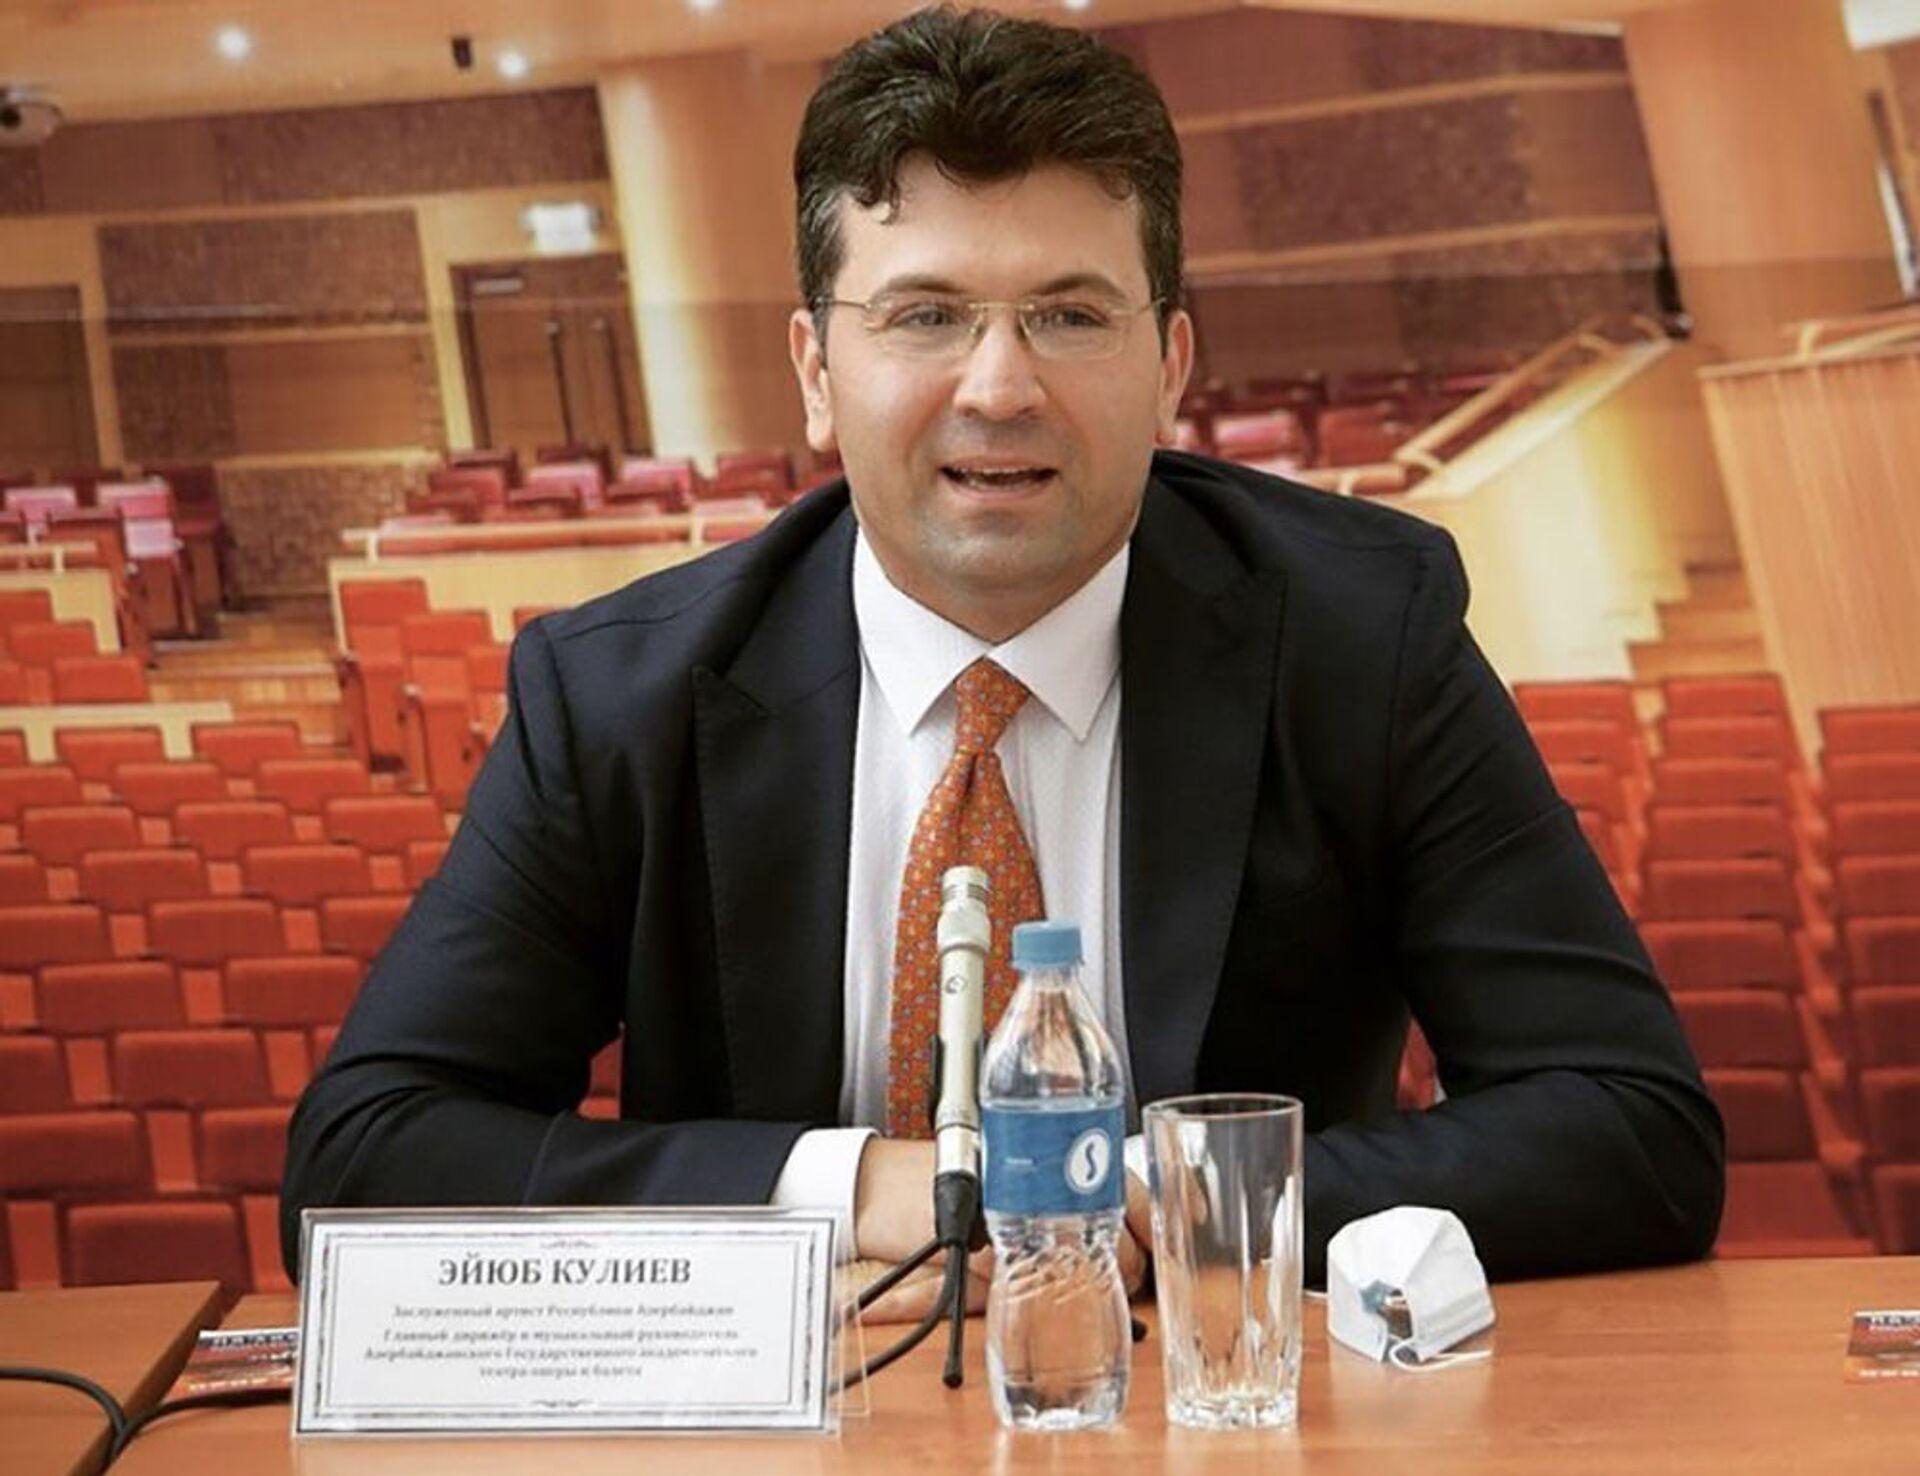 Дирижер из Азербайджана стал официальным партнером инициативы Опера за мир - Sputnik Азербайджан, 1920, 22.02.2021